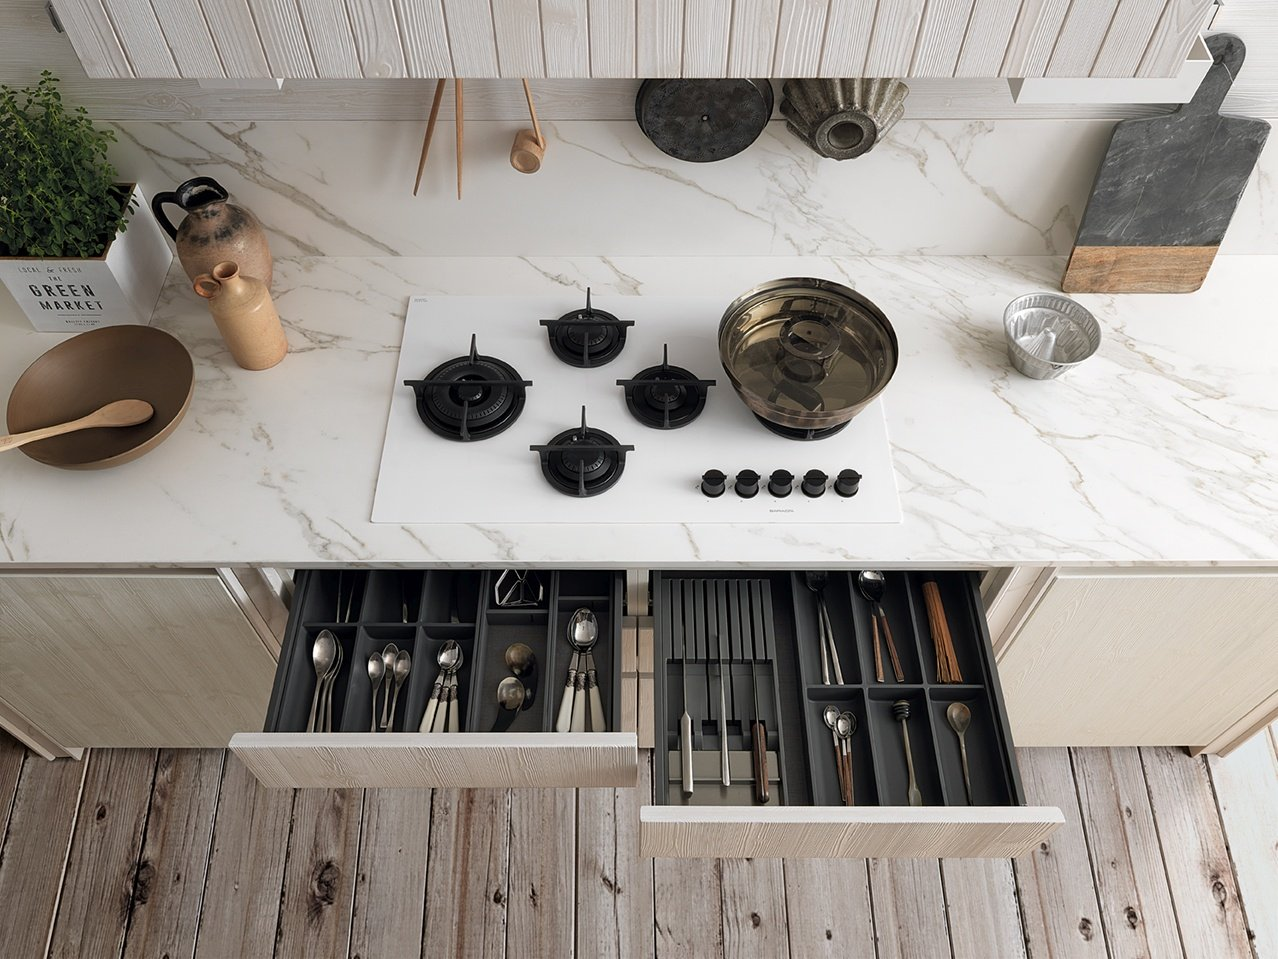 calesella_2020 particolare cucina progetto Atelier